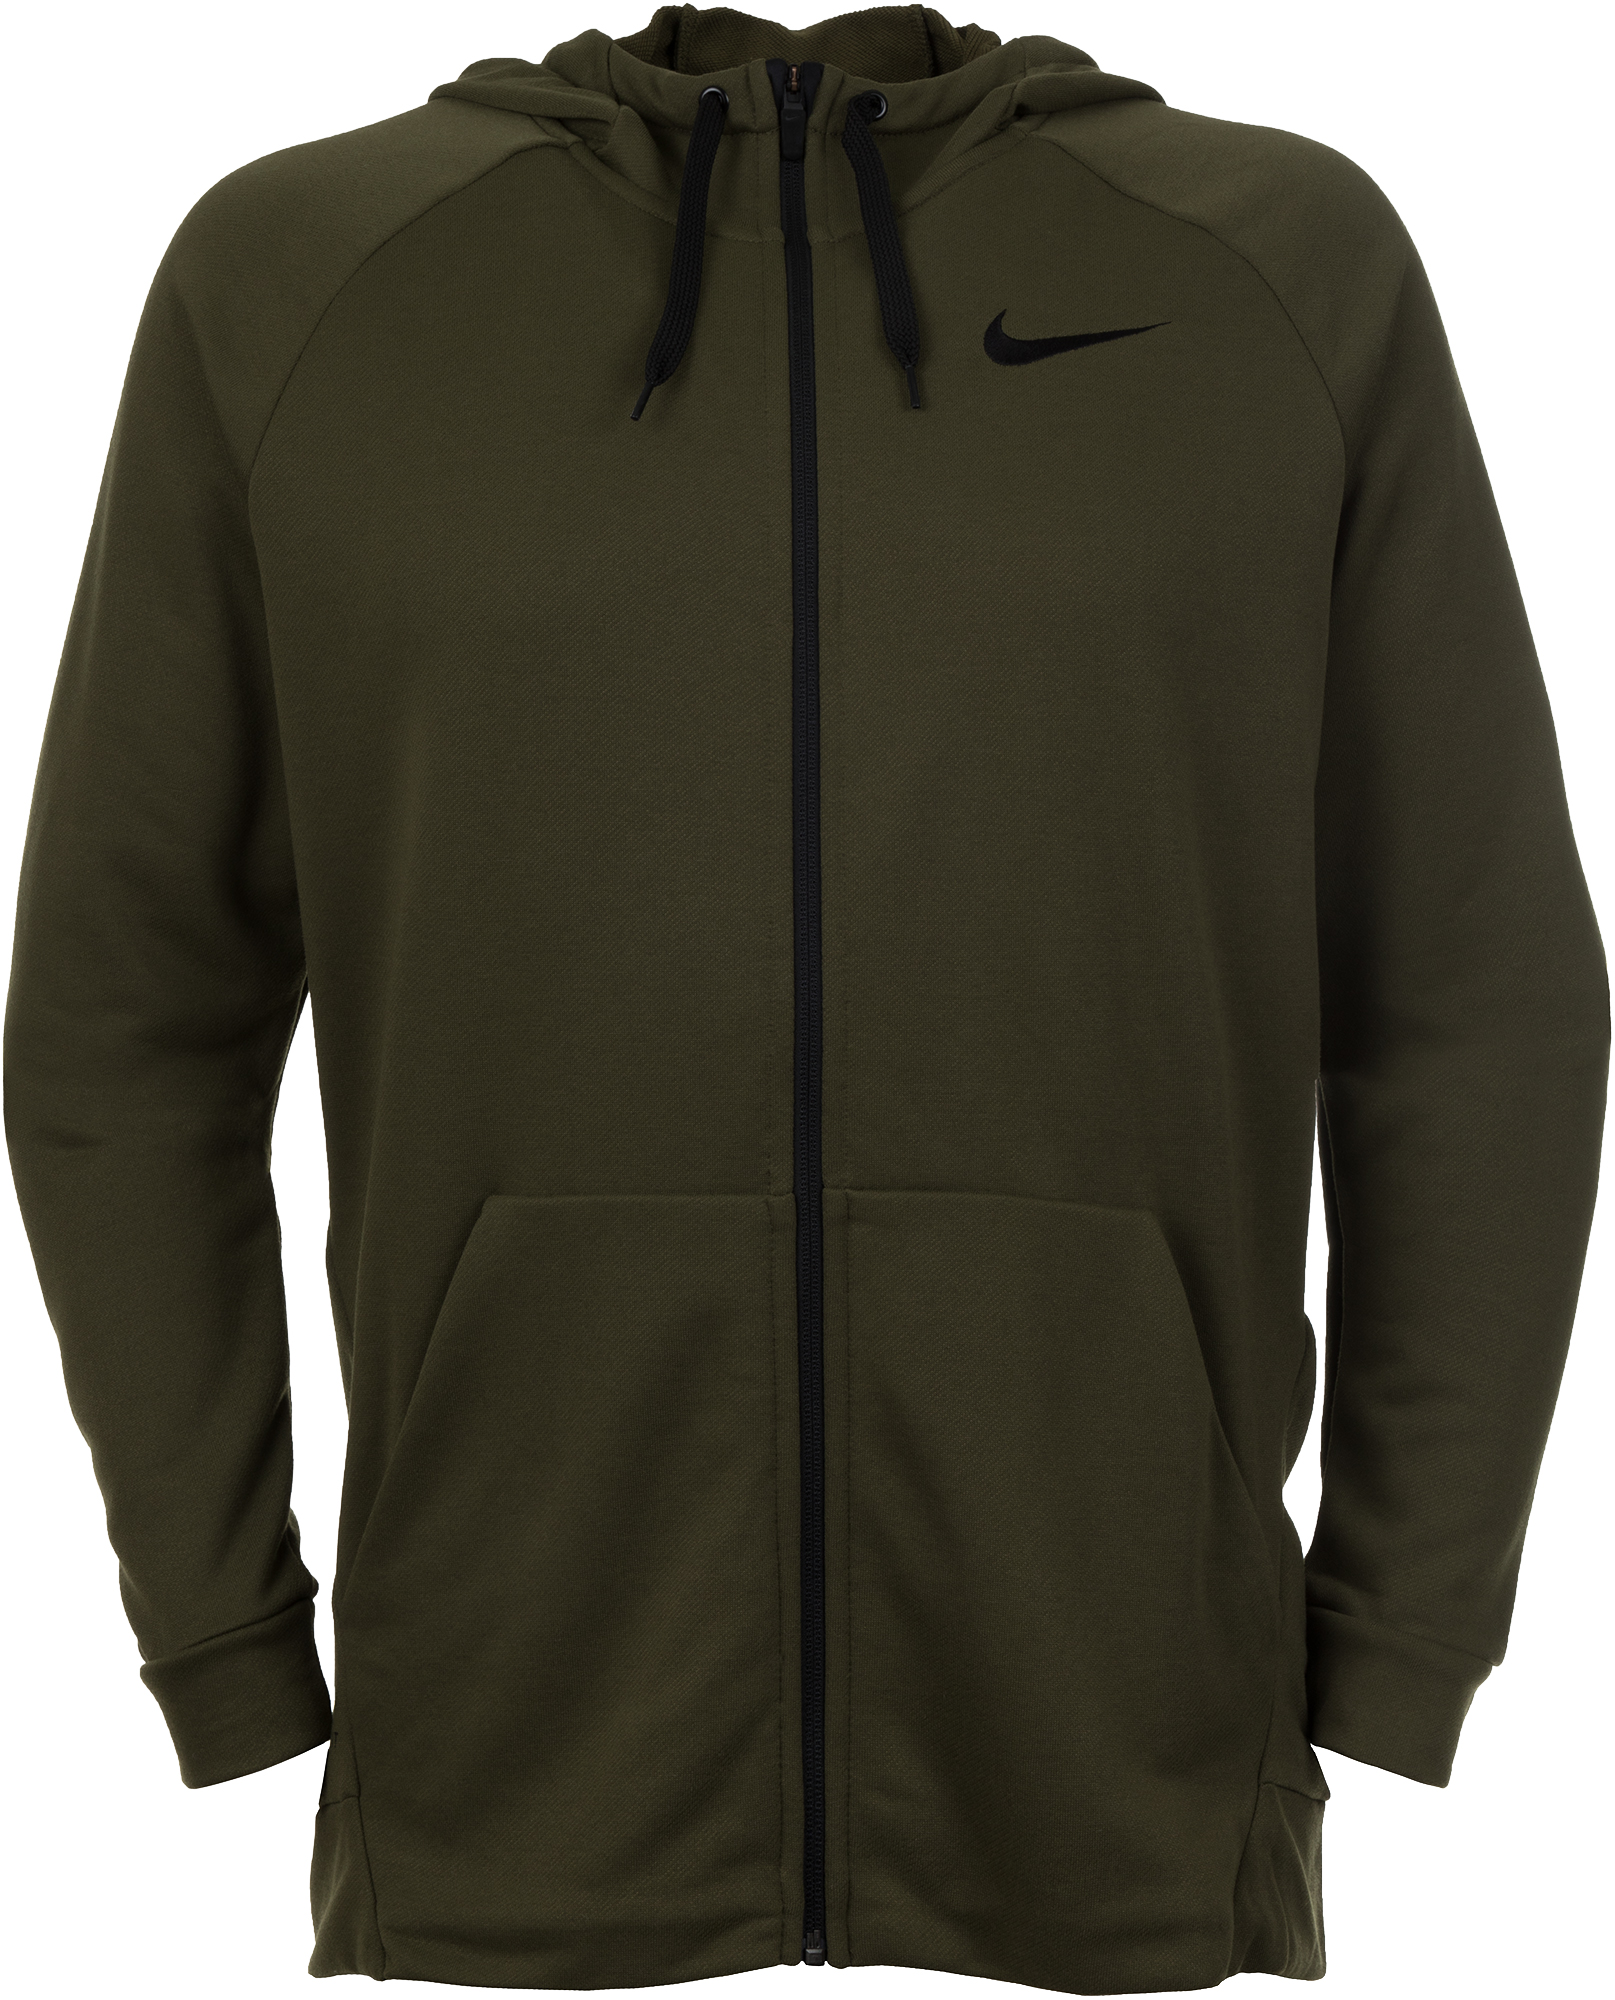 Nike Джемпер мужской Nike Dry, размер 46-48